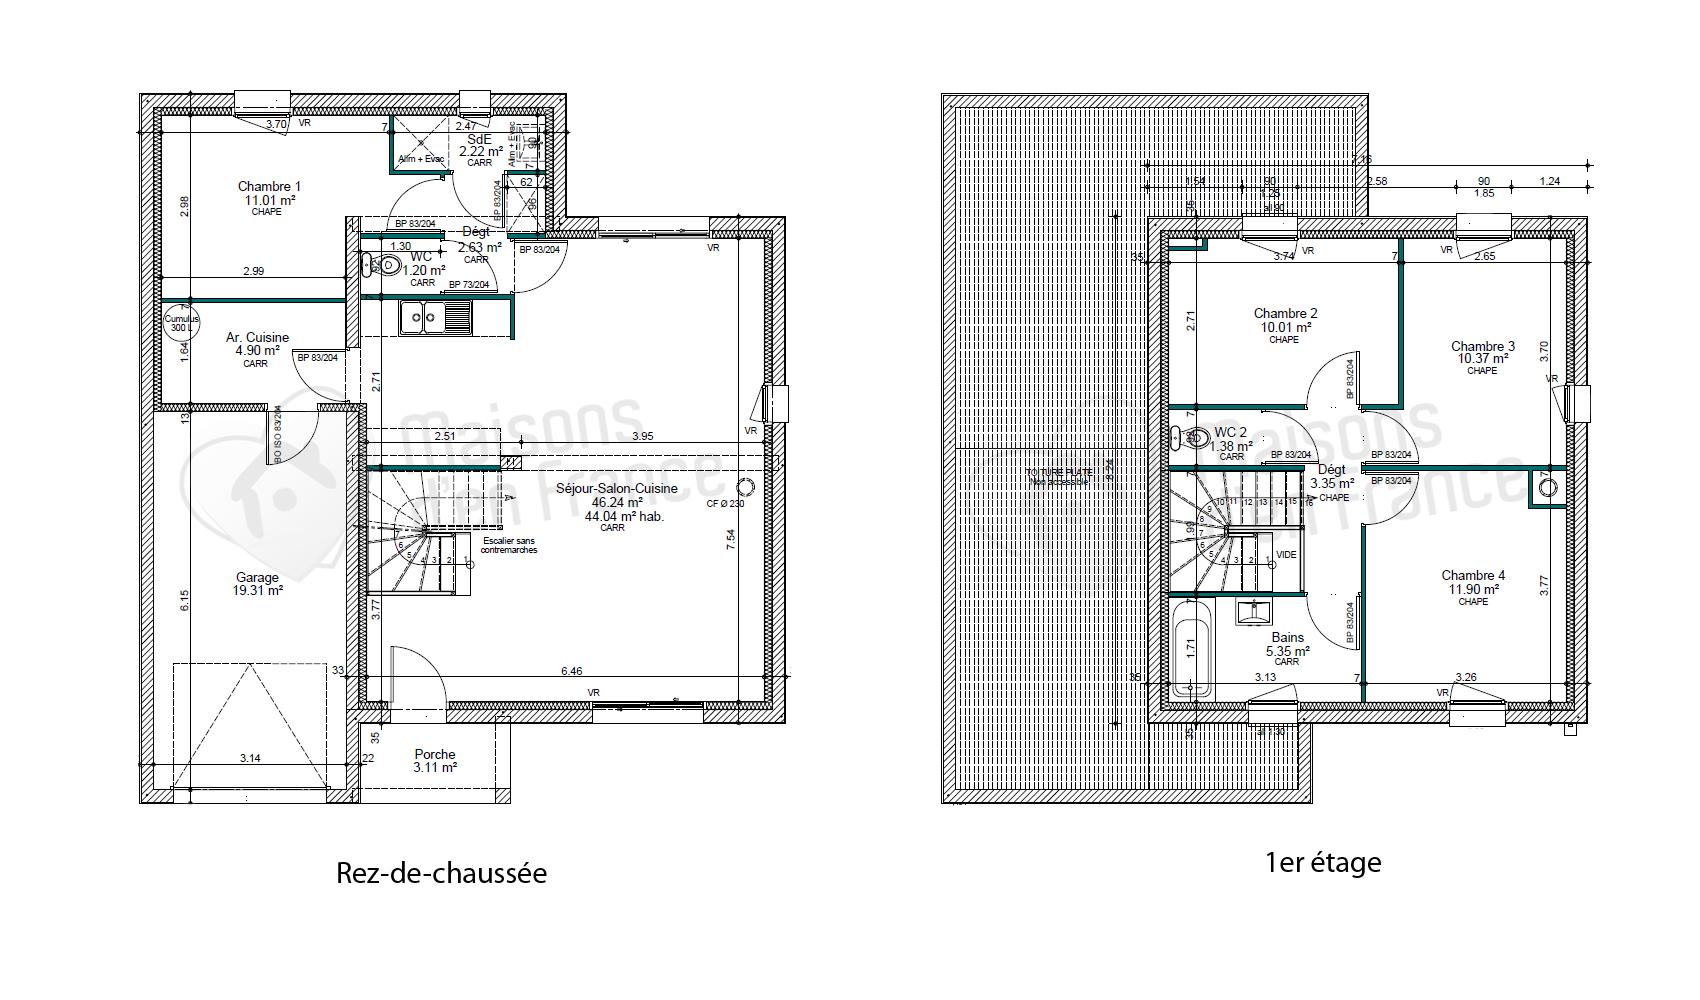 Extrêmement Plan de maison toit plat - Maison François Fabie OW88